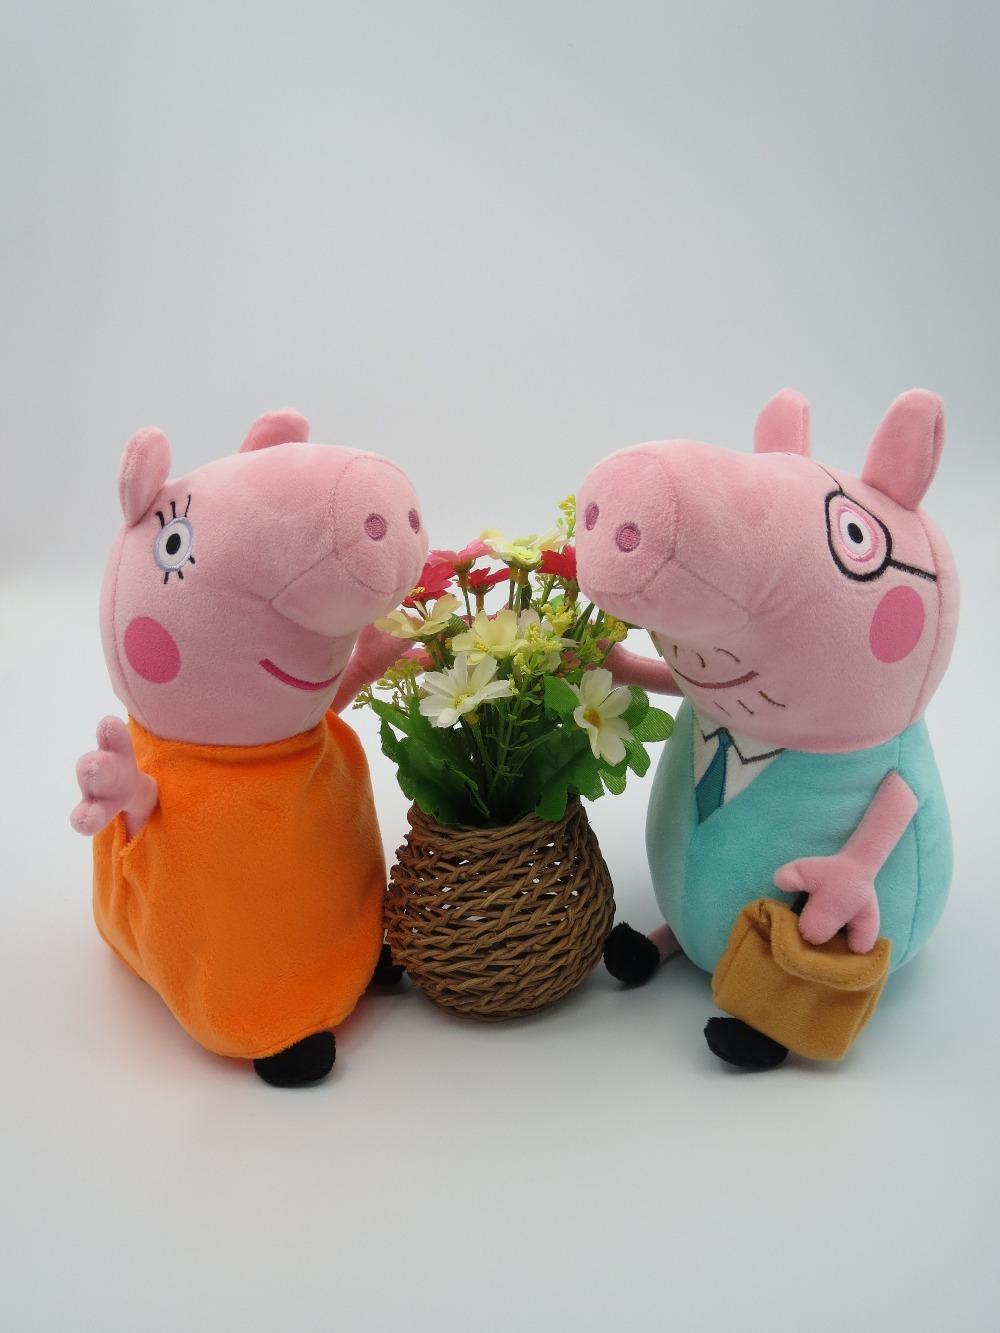 100pcs EMS Livre / set 12 polegadas 30CM Peppa porco de pelúcia Pepa Pig Bebê Brinquedos Mamãe & Papai Tamanho Grande Drop Shipping(China (Mainland))